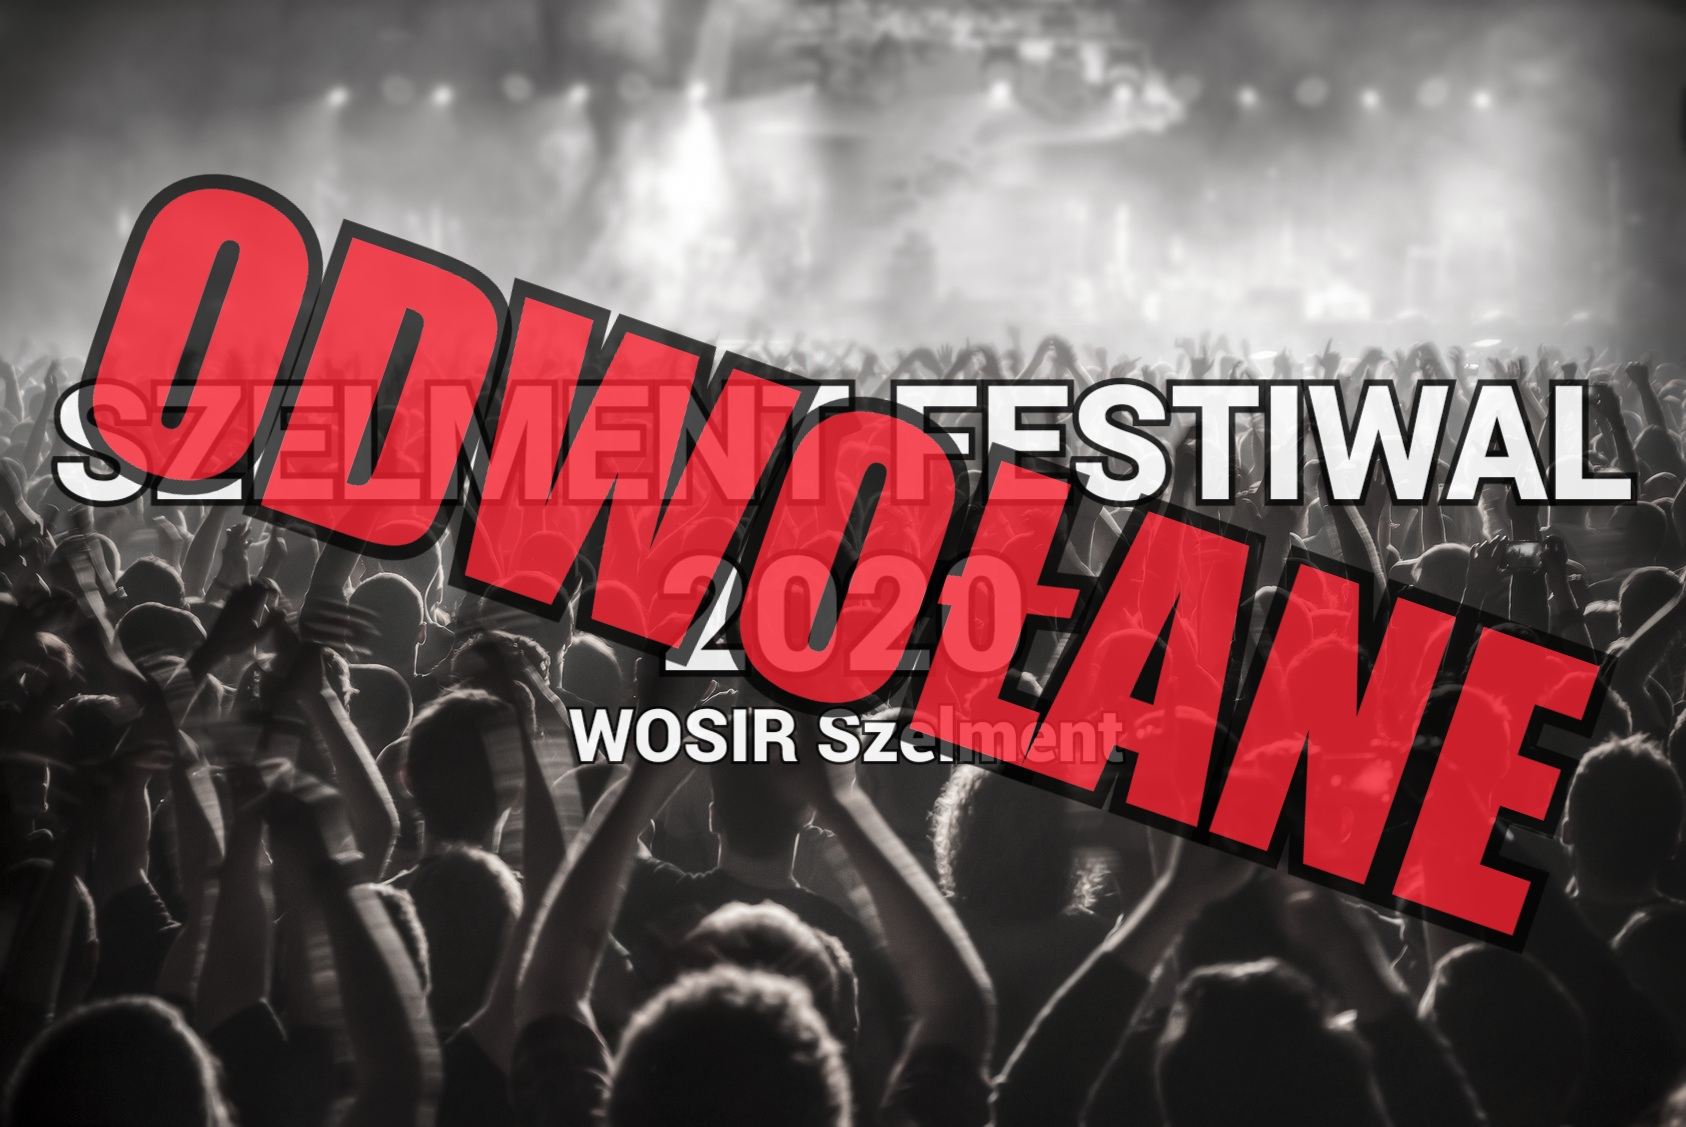 Szelment Festival odwołany!